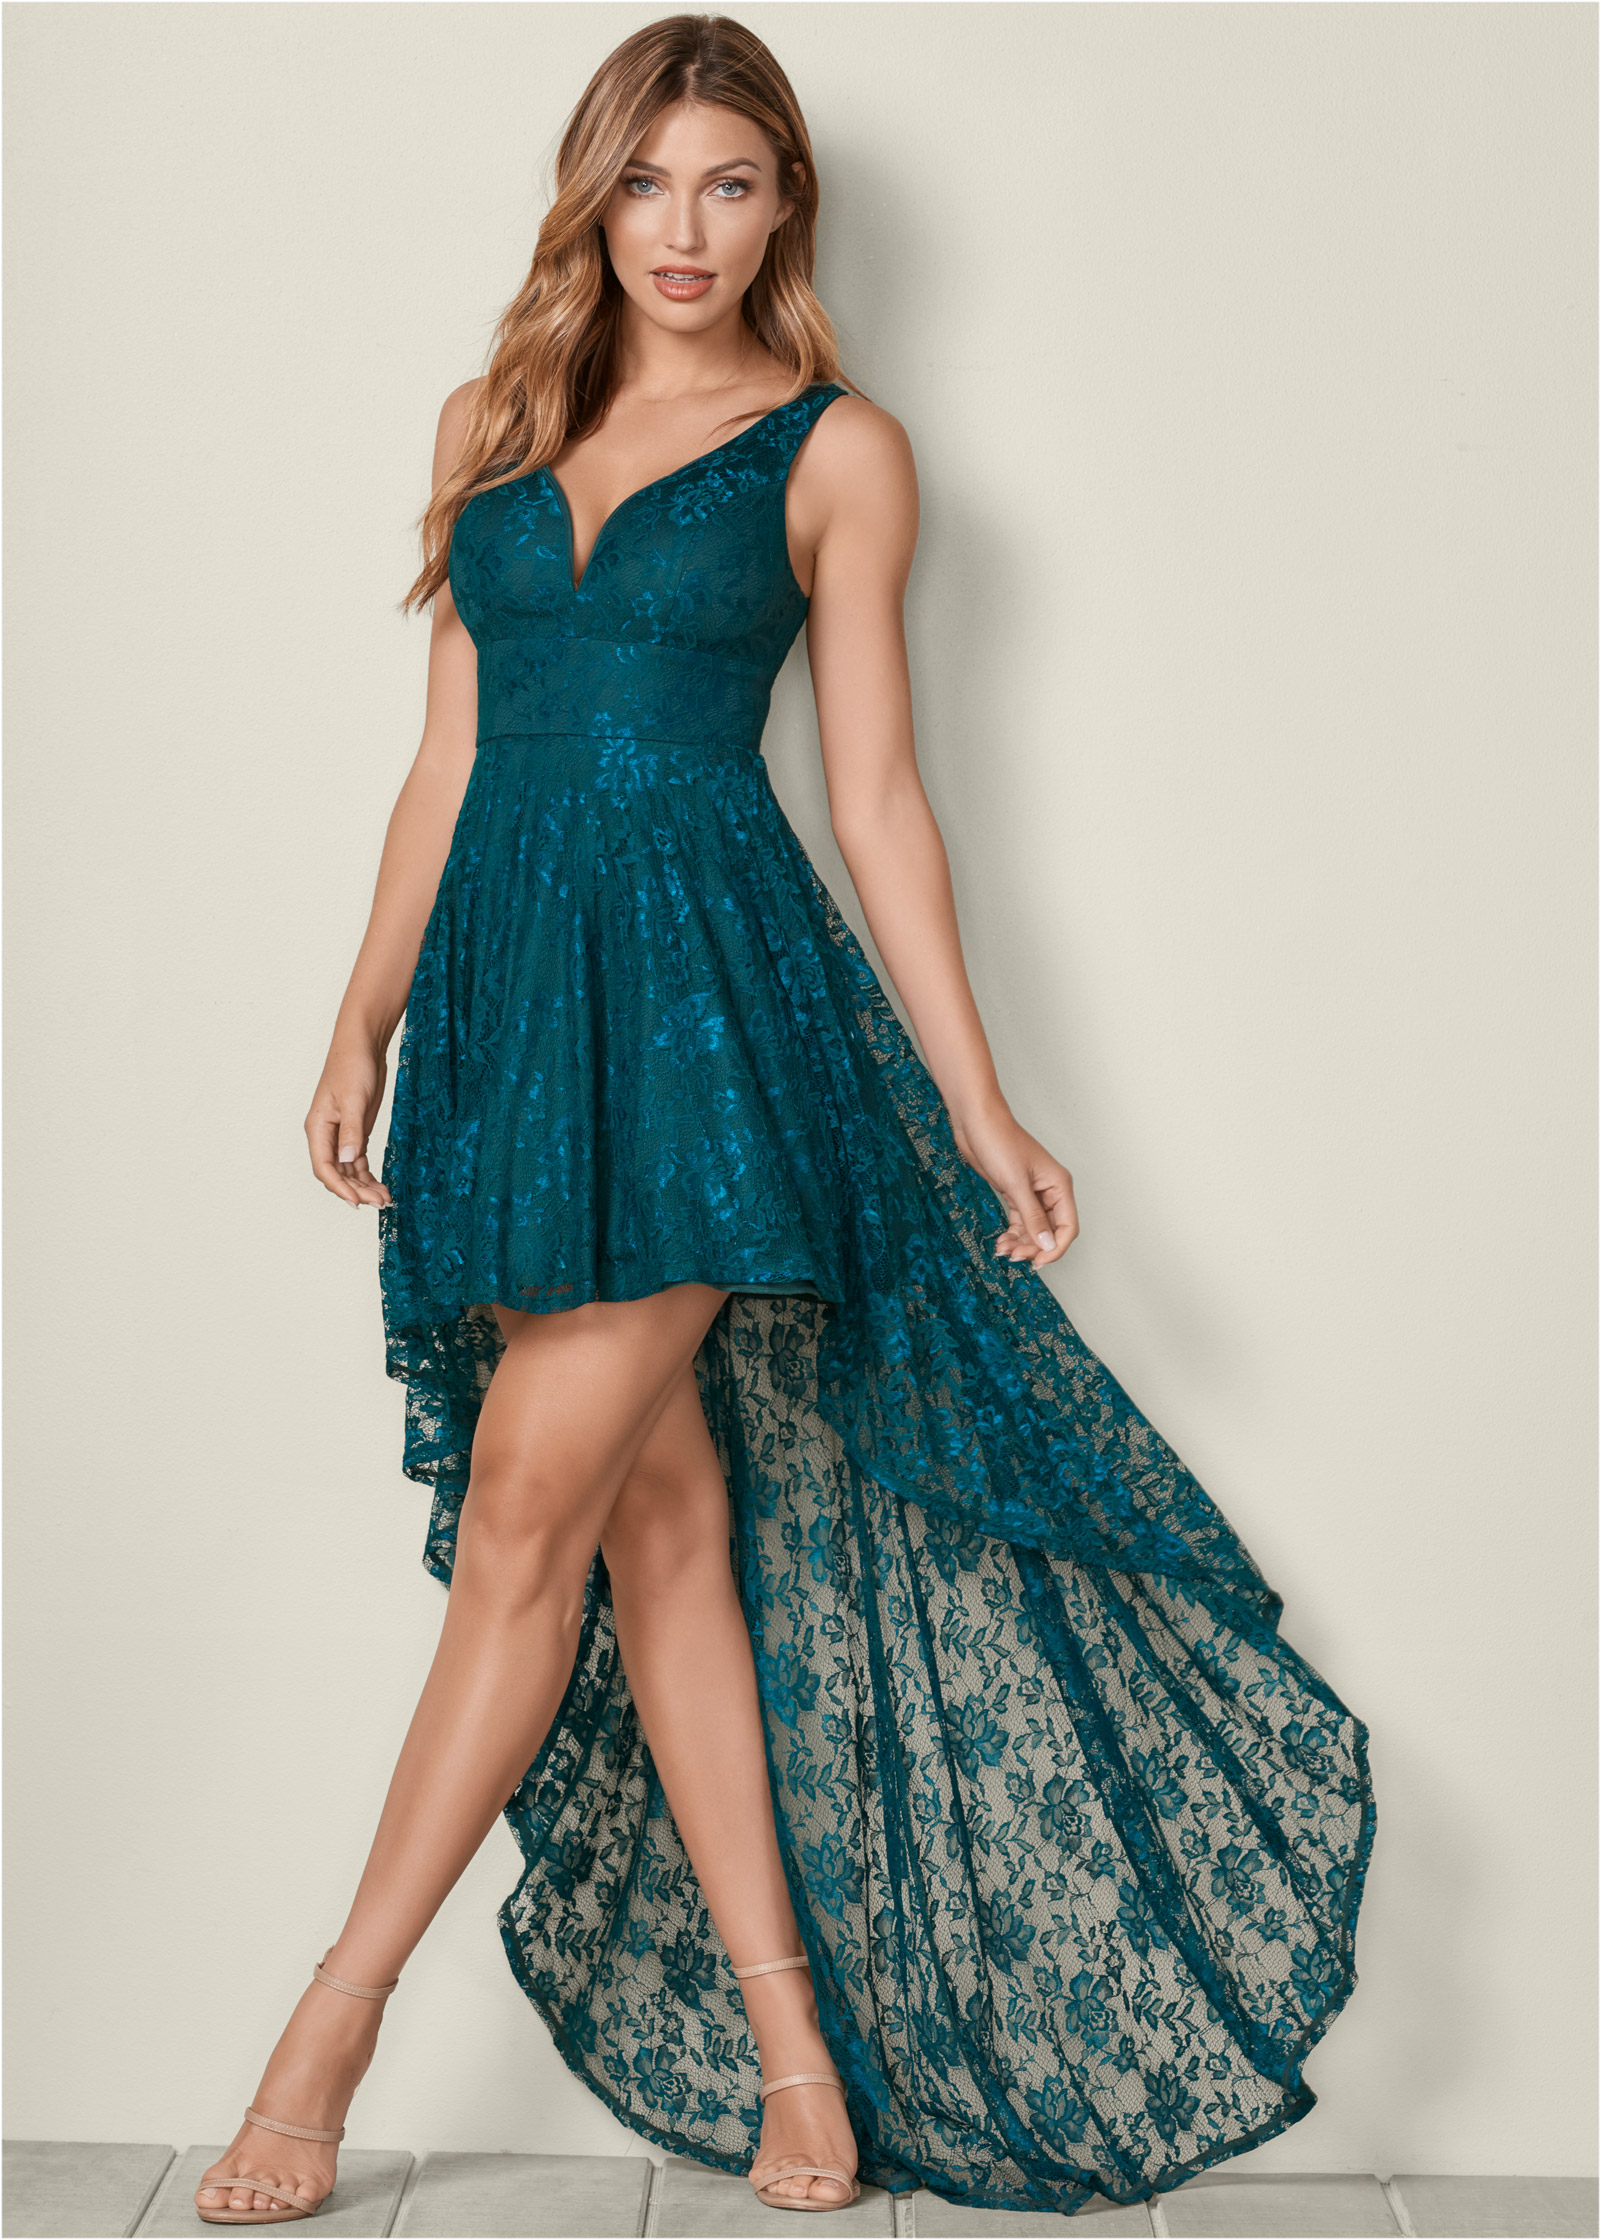 Lace Dress Party